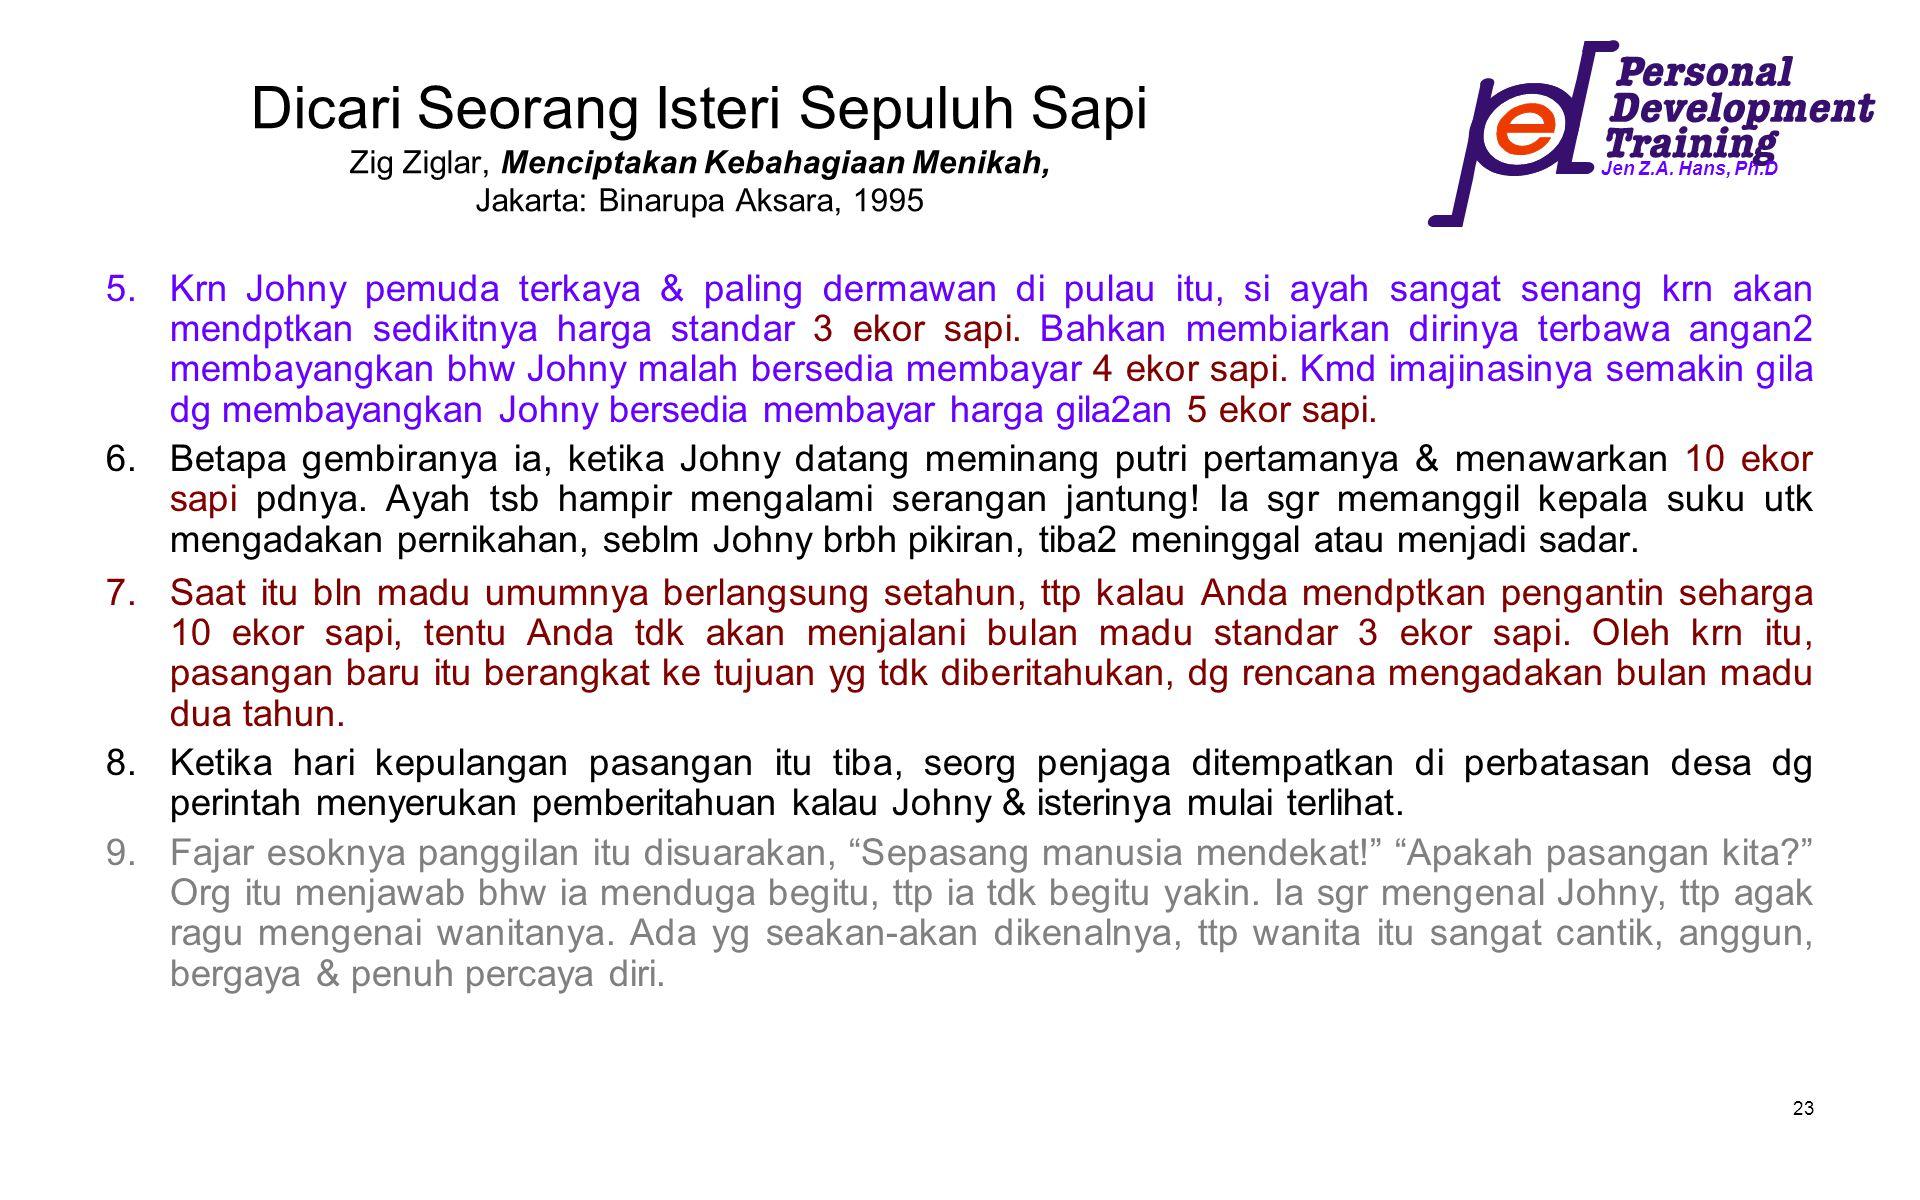 Jen Z.A. Hans, Ph.D 23 Dicari Seorang Isteri Sepuluh Sapi Zig Ziglar, Menciptakan Kebahagiaan Menikah, Jakarta: Binarupa Aksara, 1995 5.Krn Johny pemu